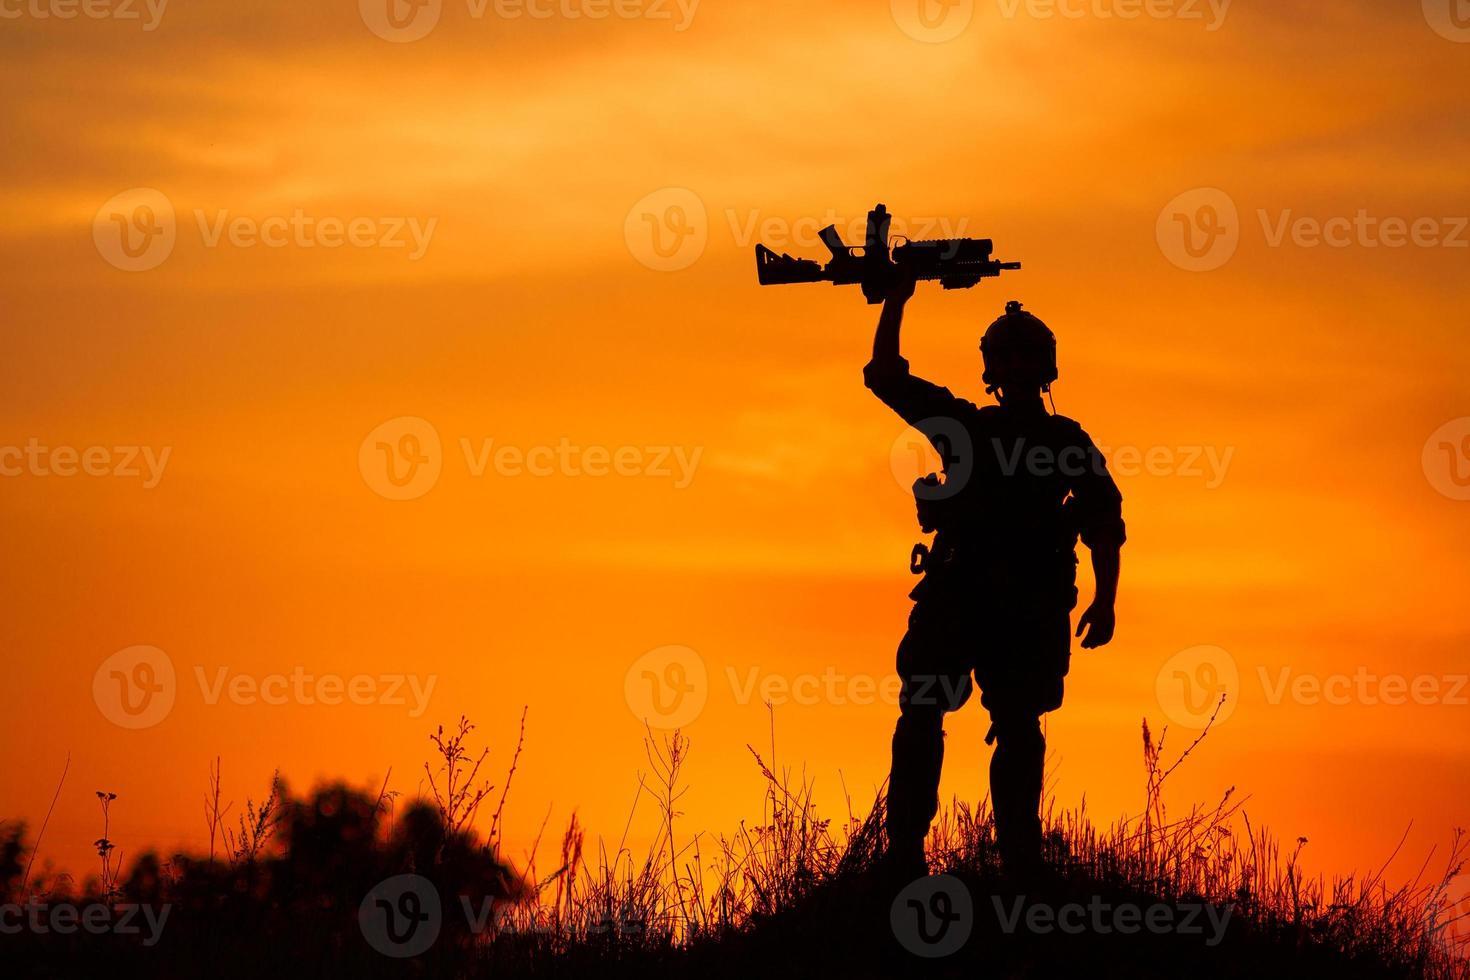 silueta de soldado militar u oficial con armas al atardecer foto